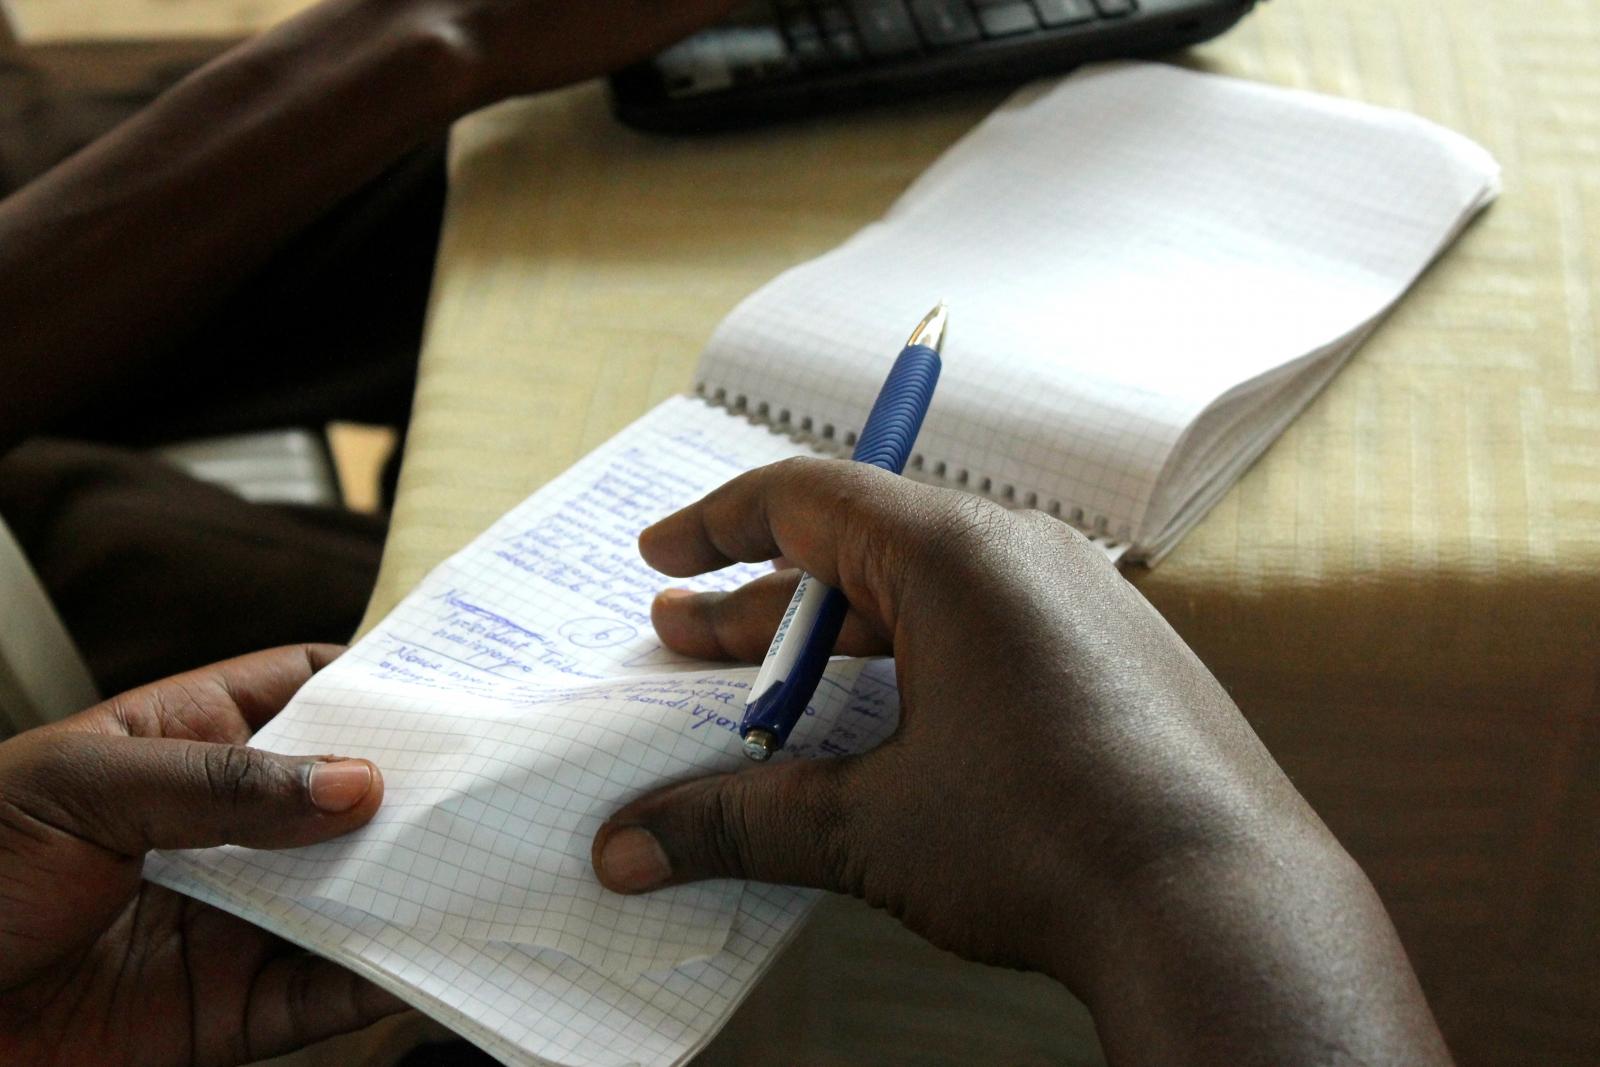 Journalists Burundi